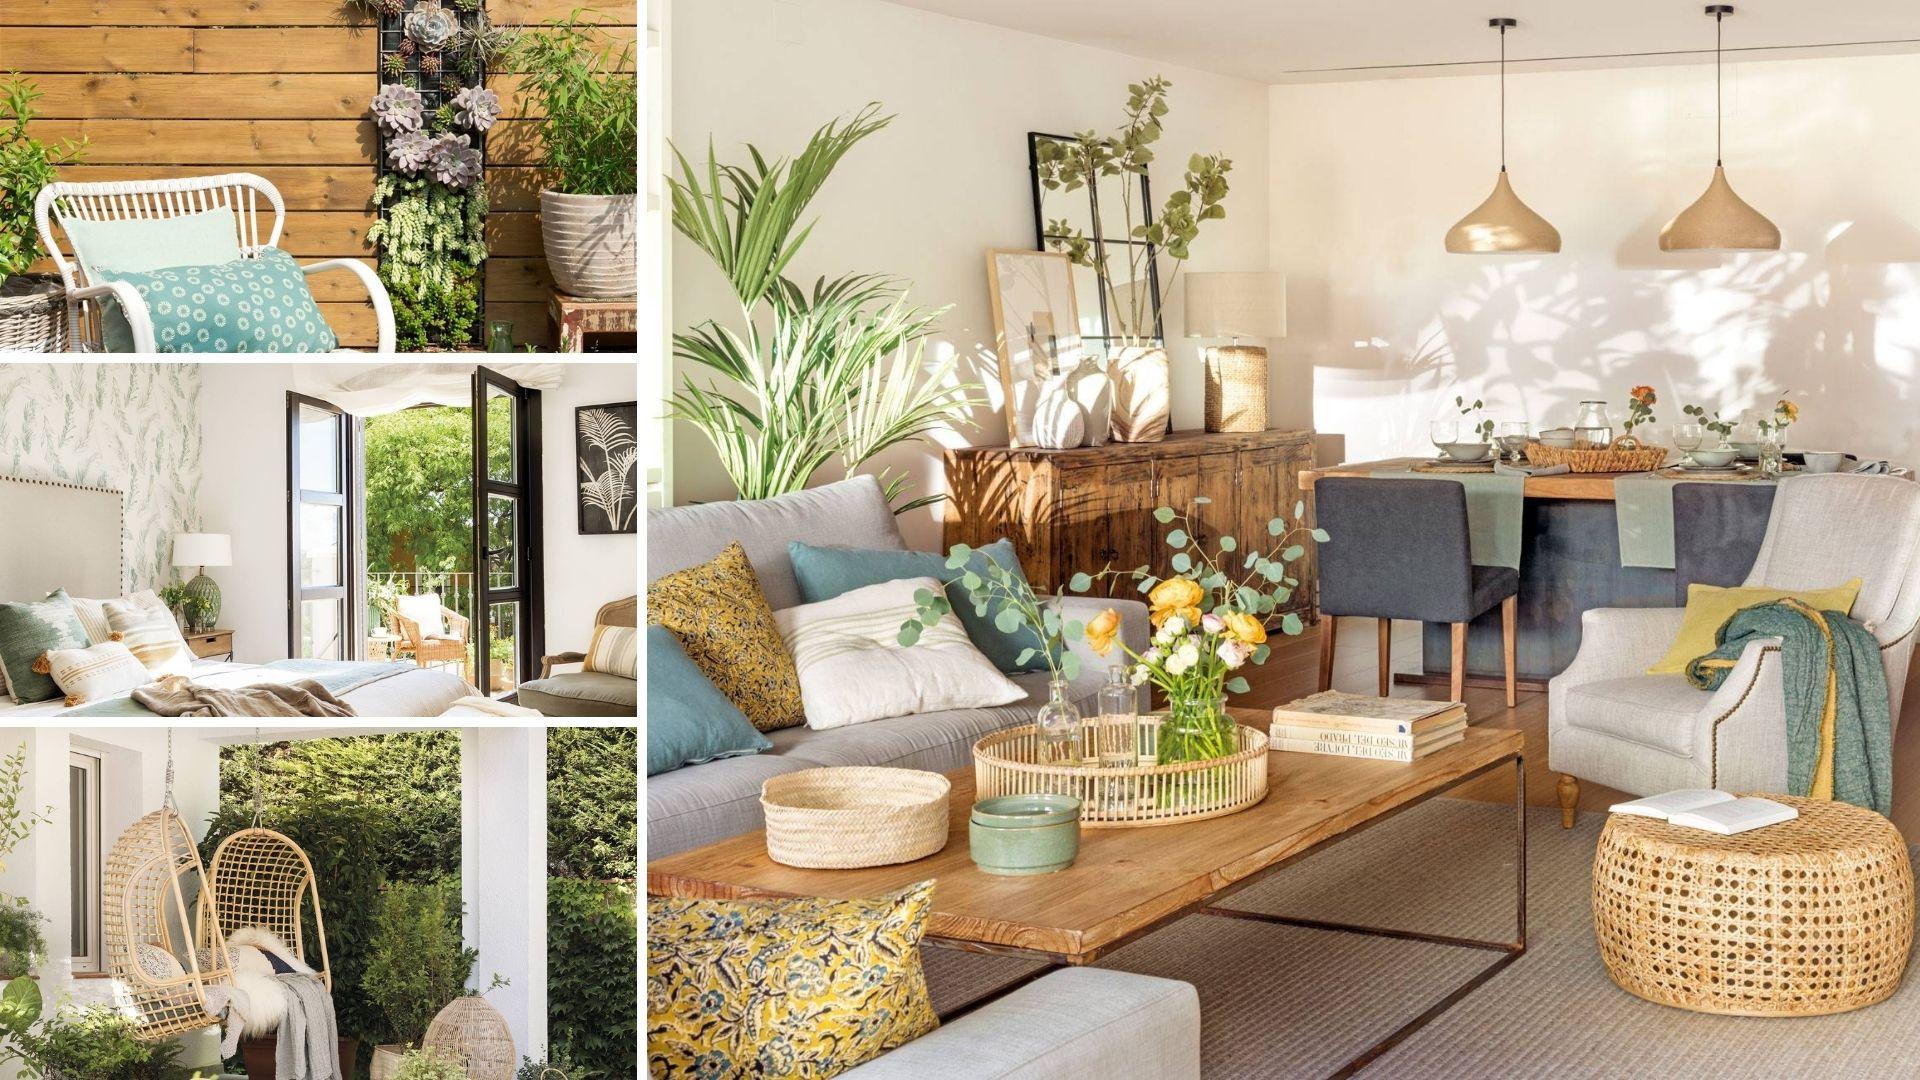 segun-la-revista-el-mueble-estas-son-las-tendencias-en-decoracion-de-verano-2021